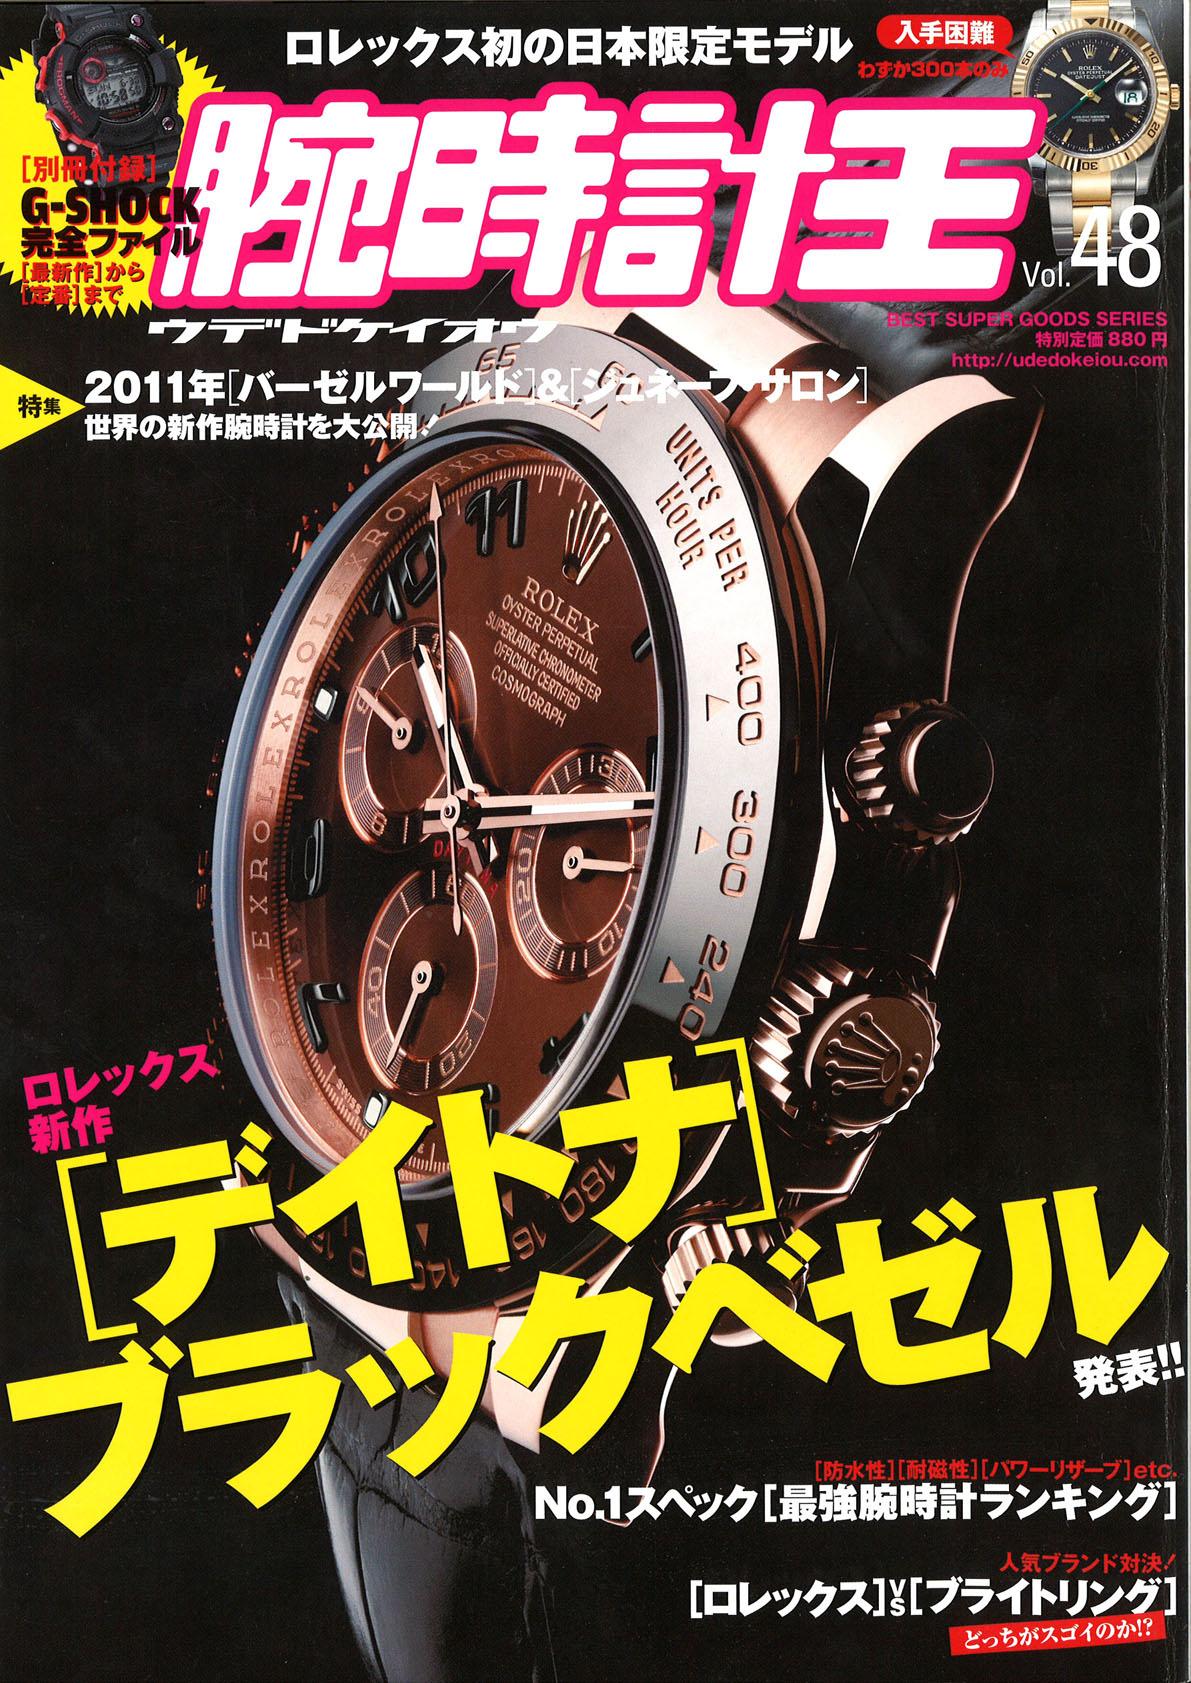 腕時計王Vol.48表紙